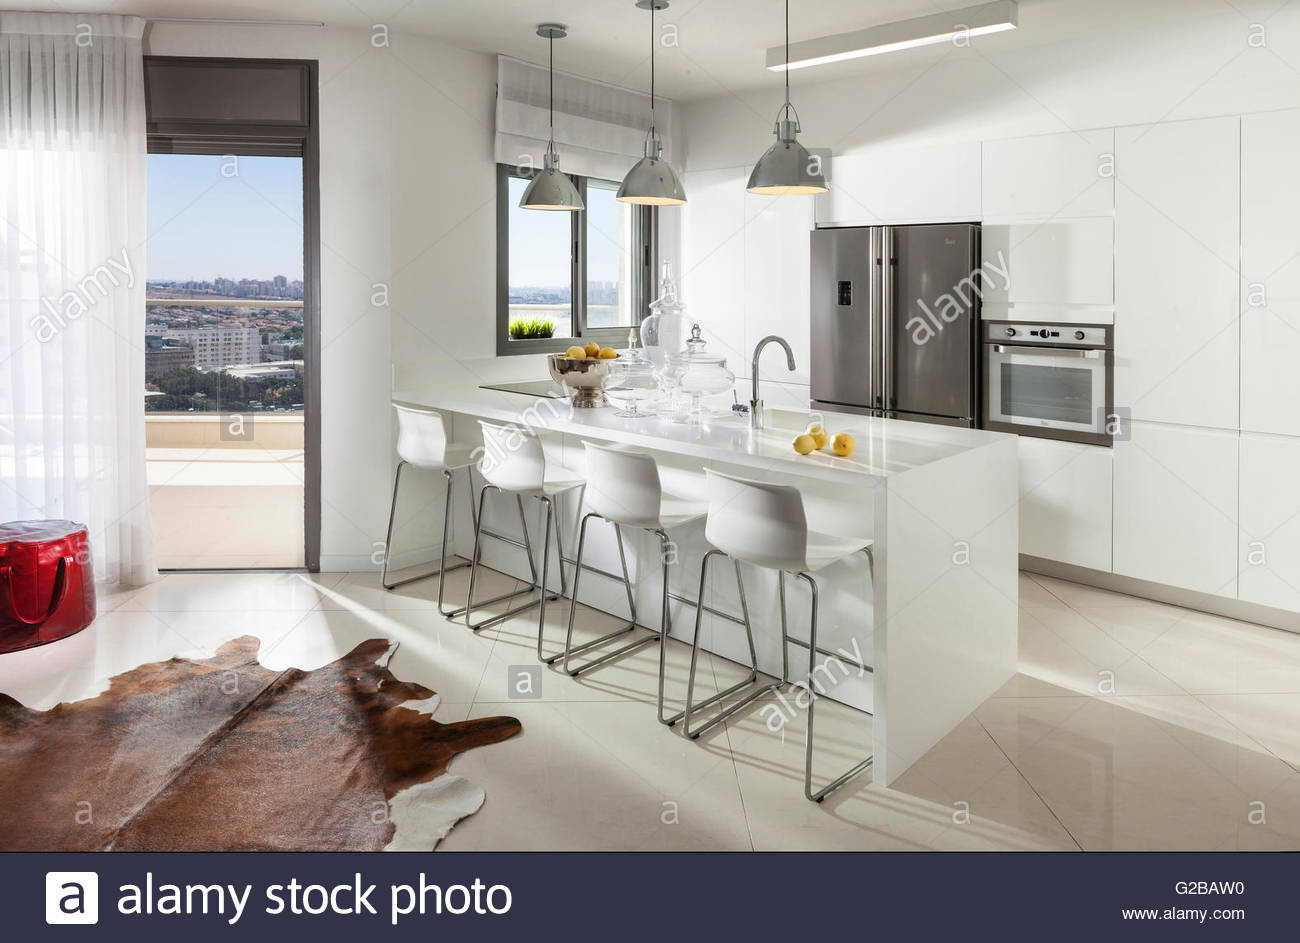 Wohnung für Reuveni home Styling & Design. Blick auf eine moderne ...